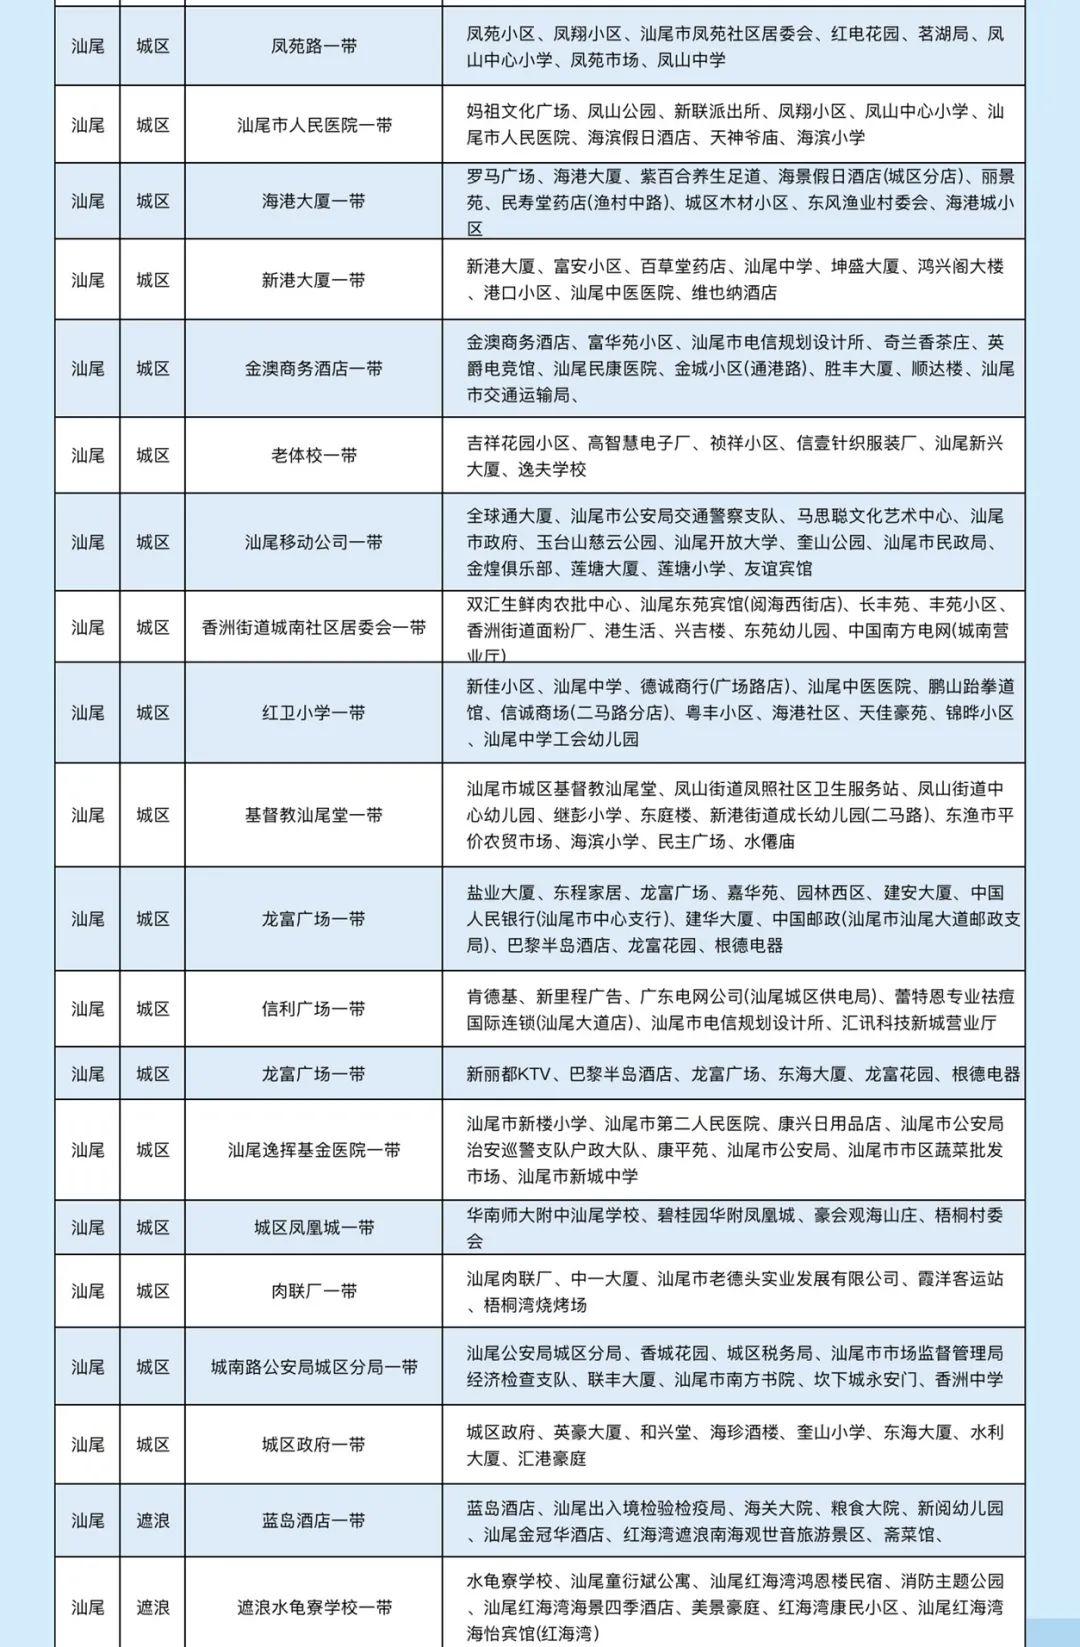 汕尾移动公布2020年中汕尾全市5G最新覆盖范围 汕尾新闻 第2张